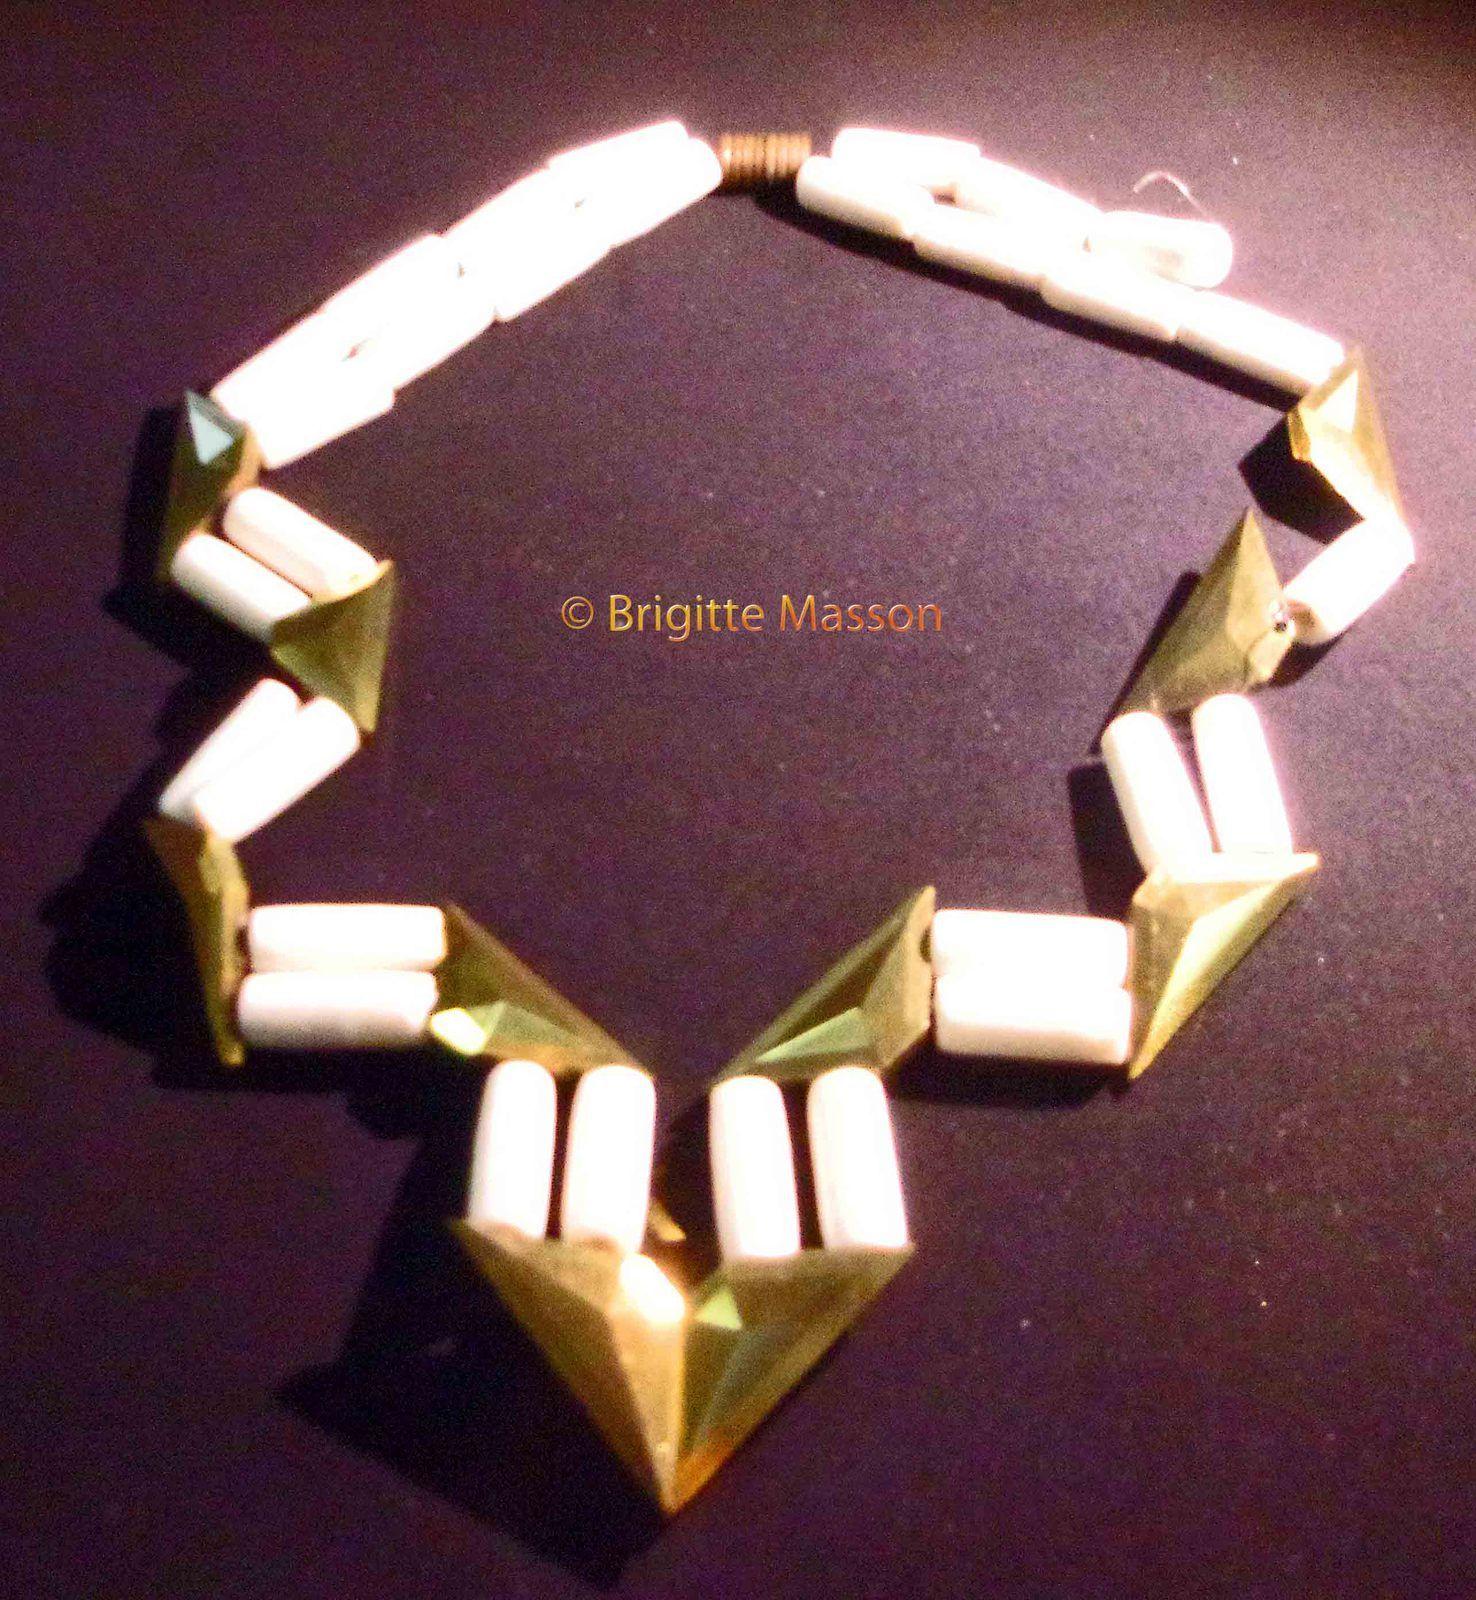 Les colliers de l'exposition &quot&#x3B;Les bijoux d'Elsa Triolet&quot&#x3B; à la fête de l'Humanité